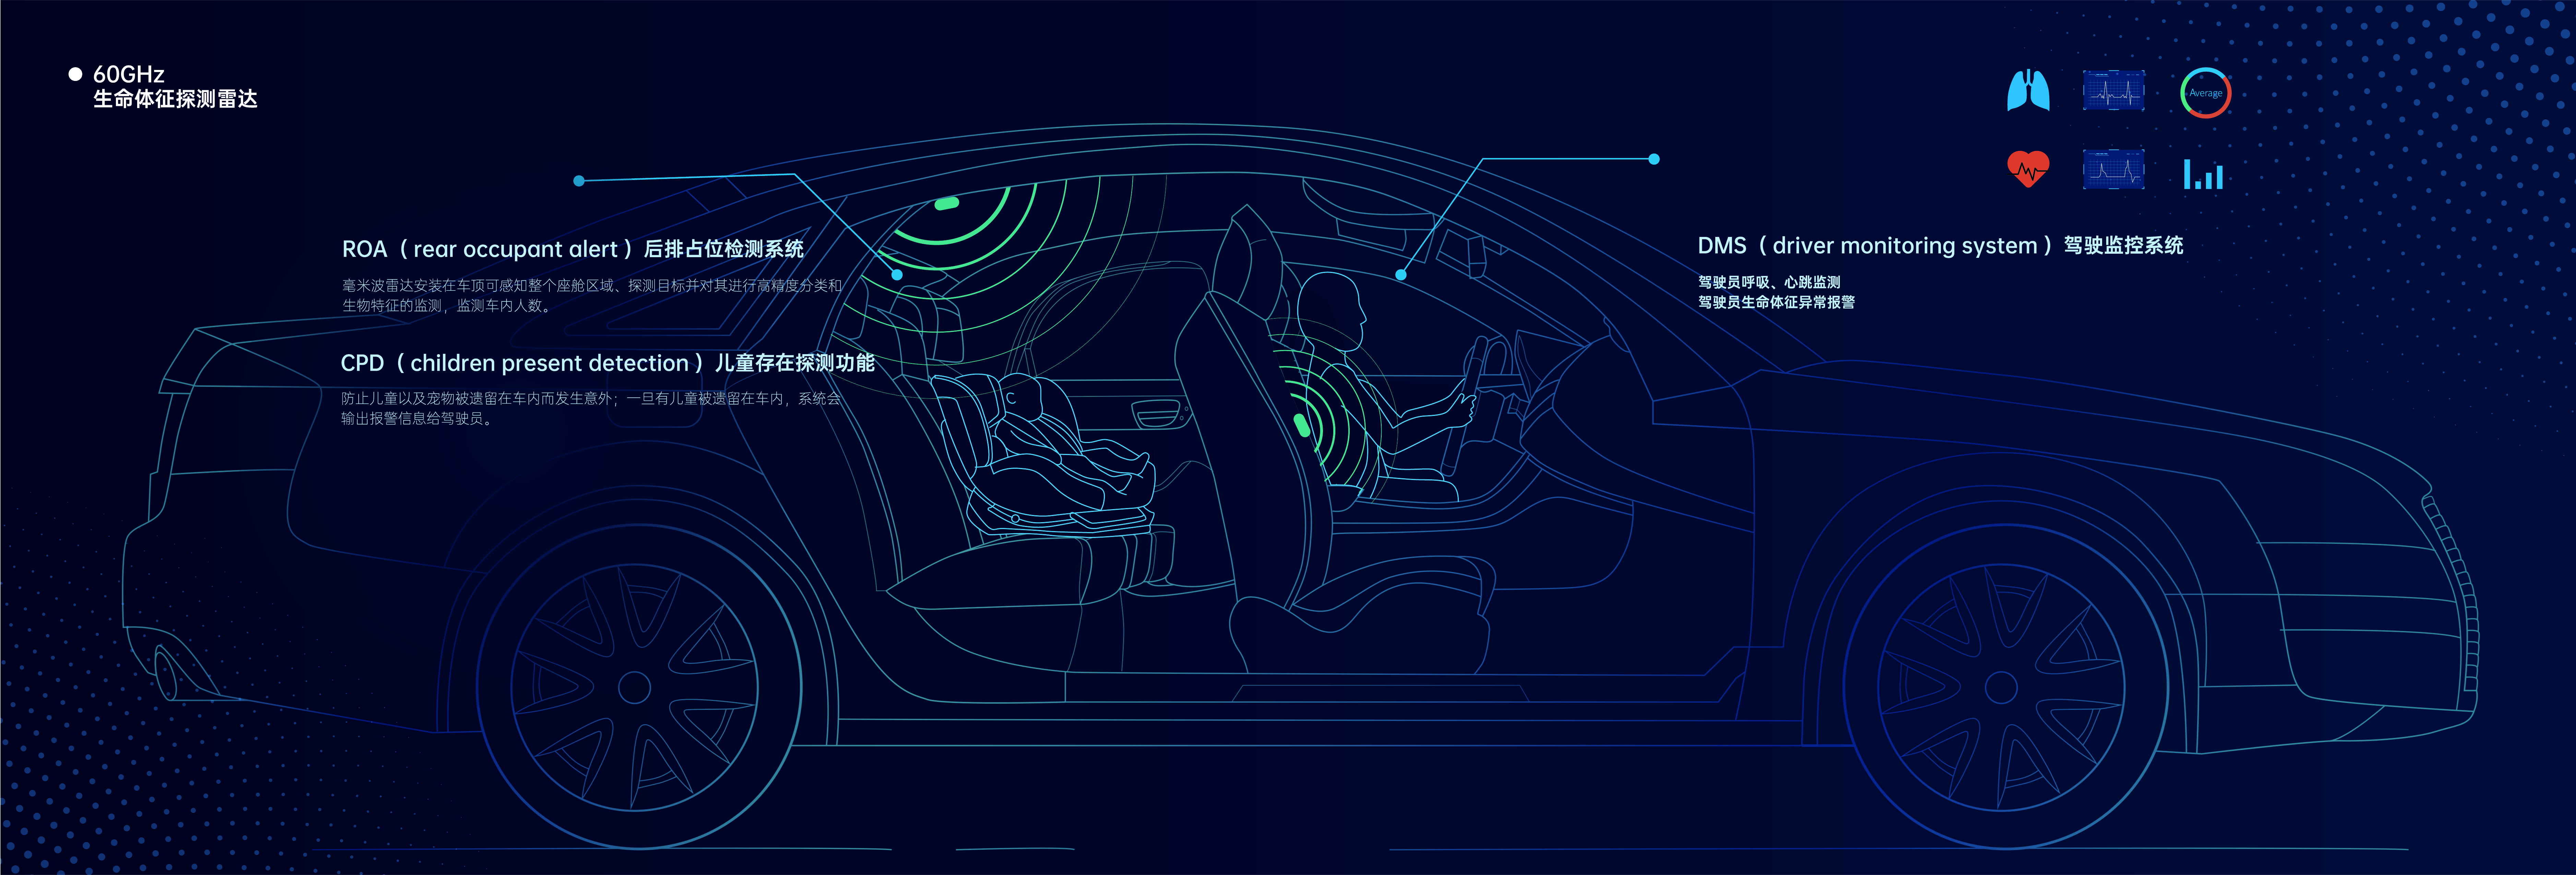 """楚航科技楚詠焱:毫米波雷达不可或缺,在""""国产化""""道路上砥砺前行"""